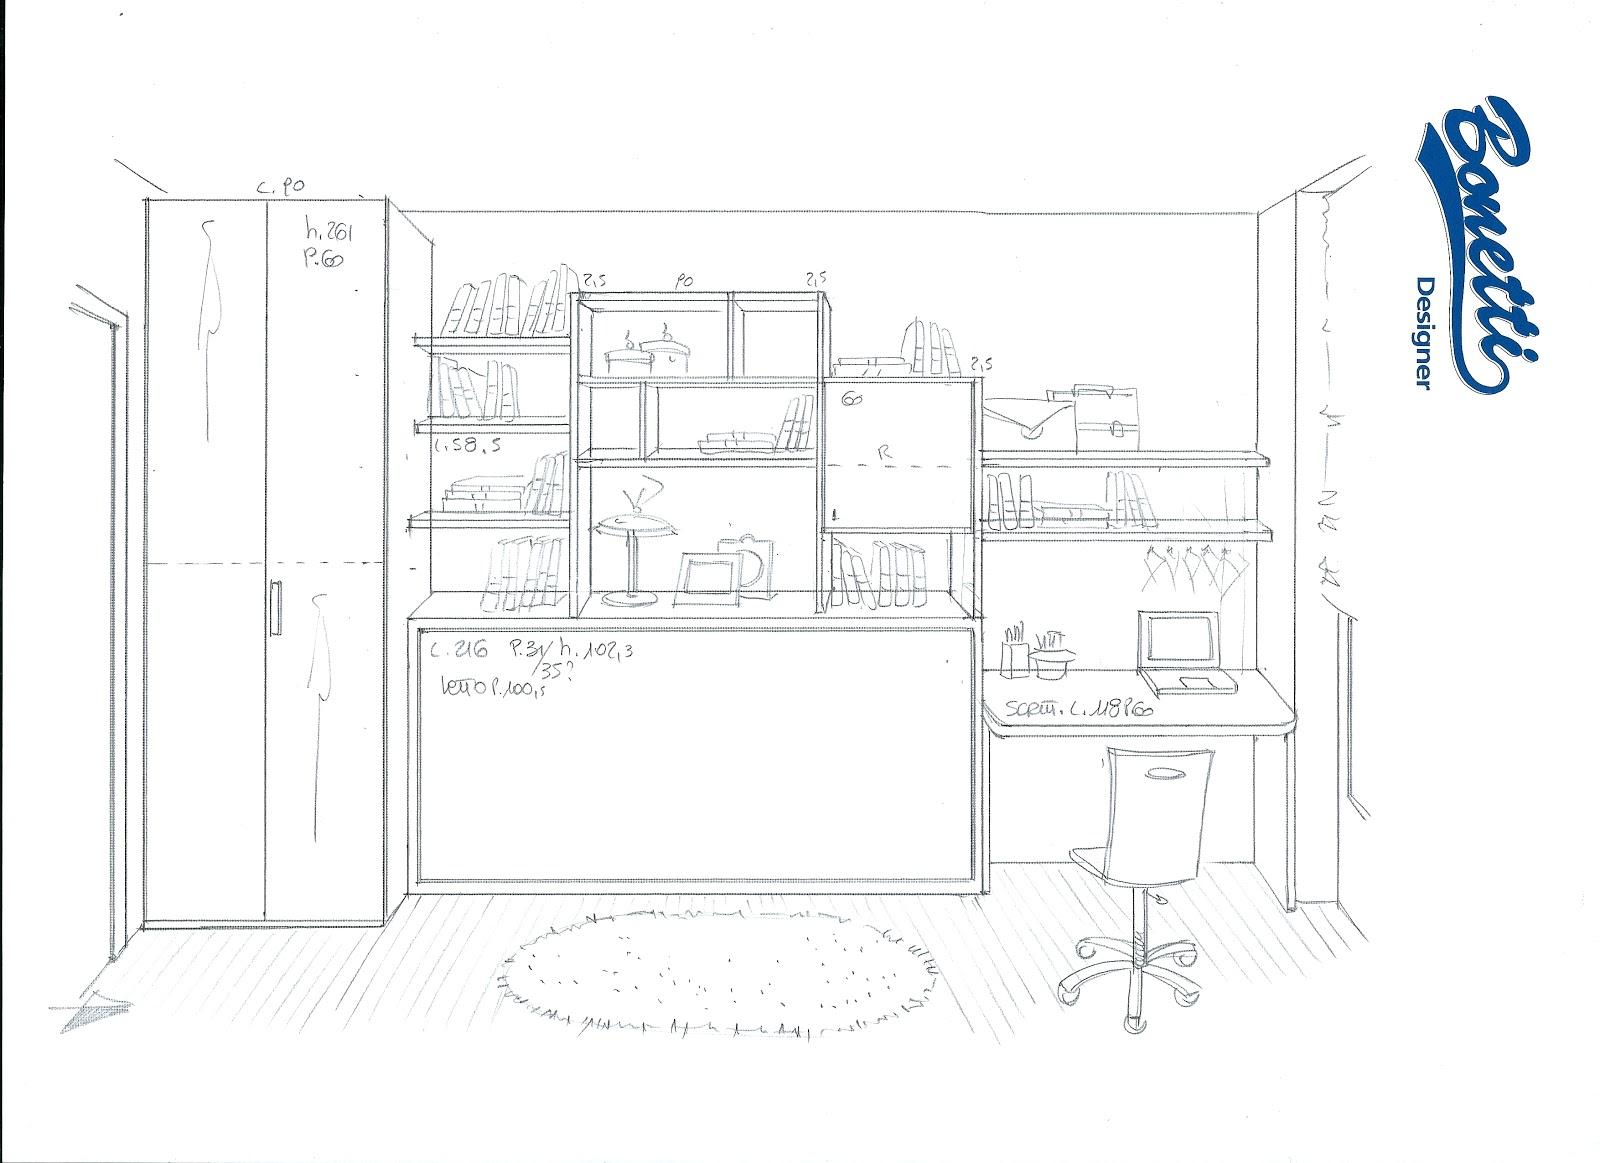 Bonetti camerette bonetti bedrooms progetti camerette for Progettare camera da letto